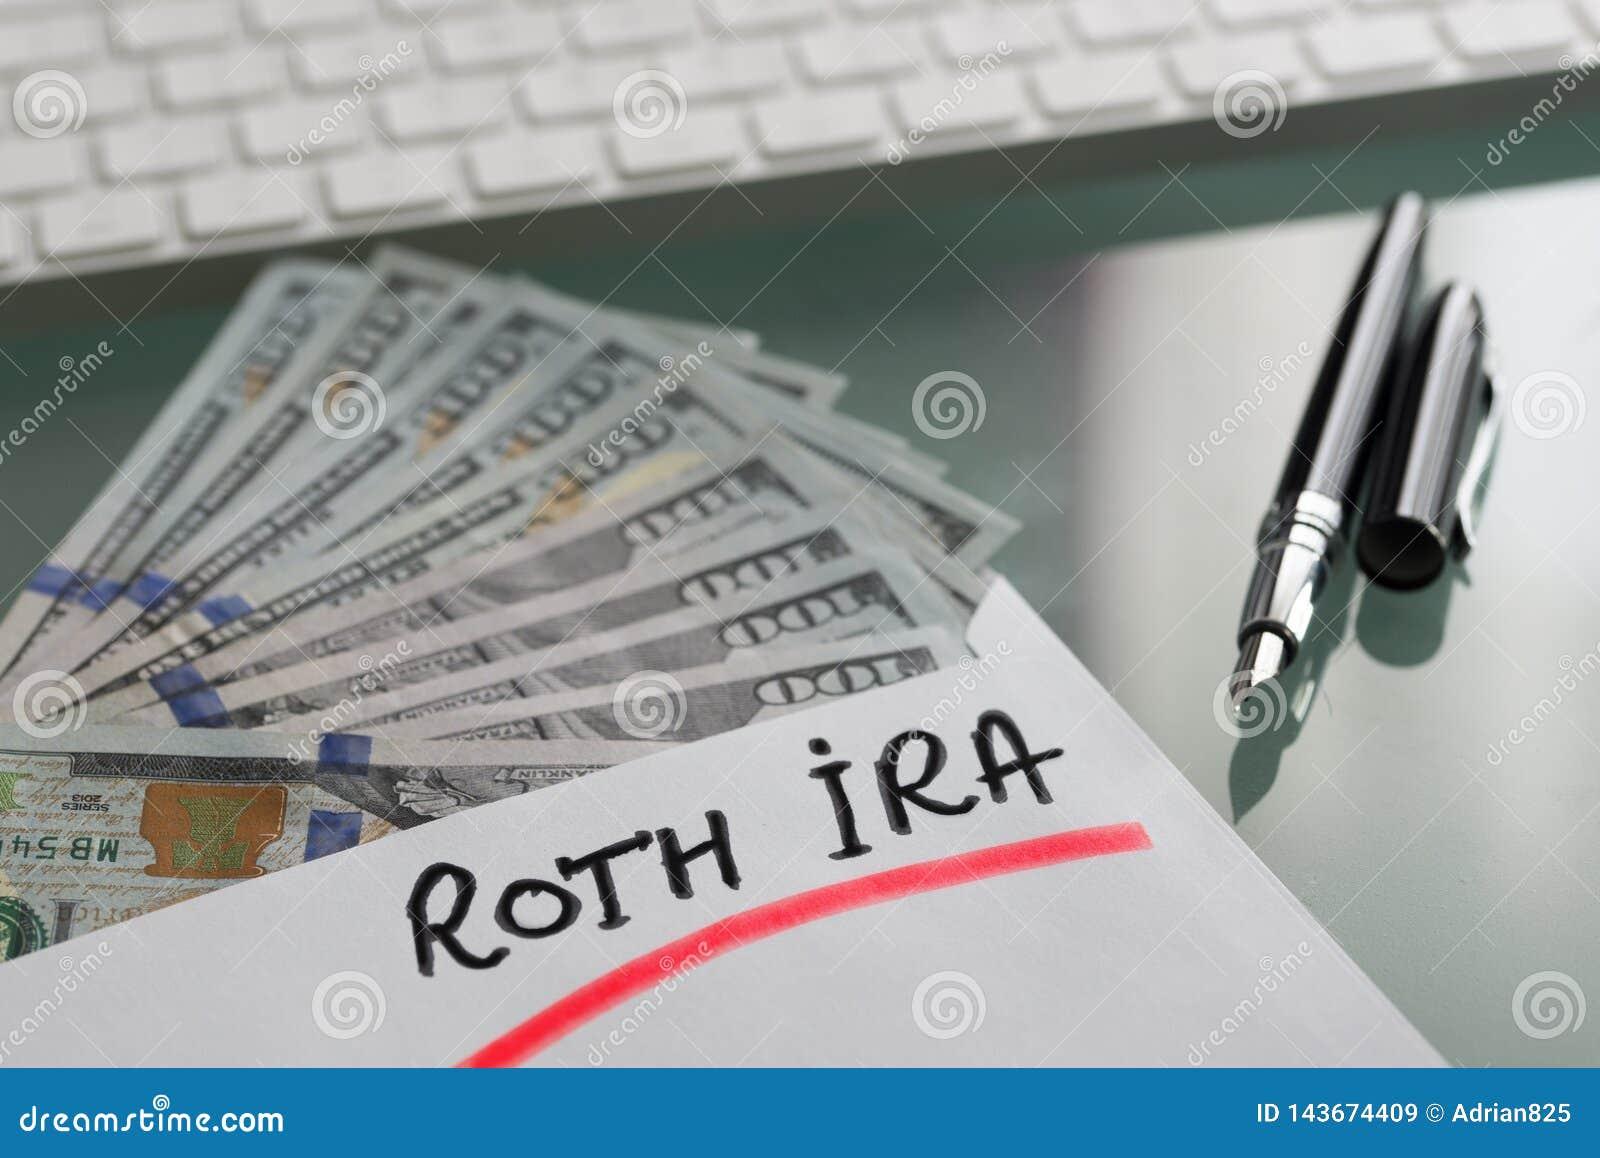 Risparmio per il concetto di pensionamento con Roth Ira scritto sulla busta bianca con i dollari americani dei contanti